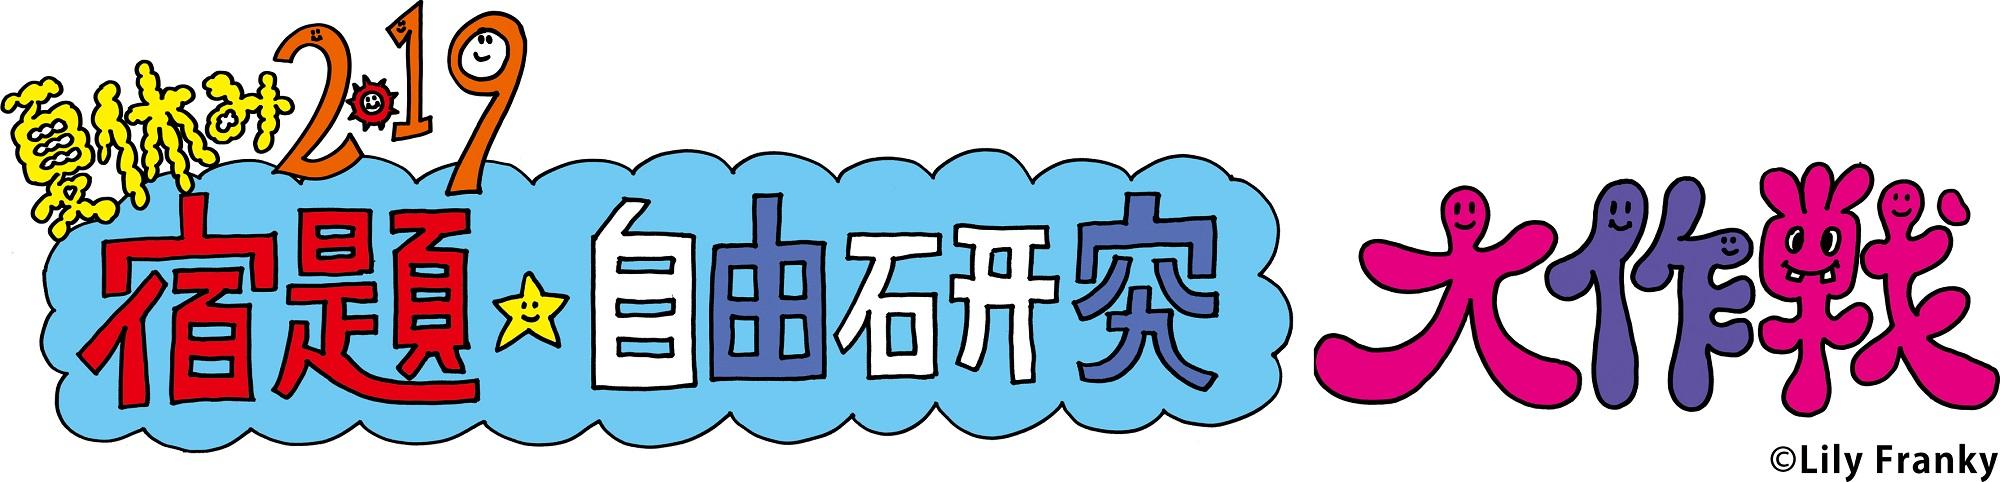 夏休み2019 宿題★自由研究 大作戦